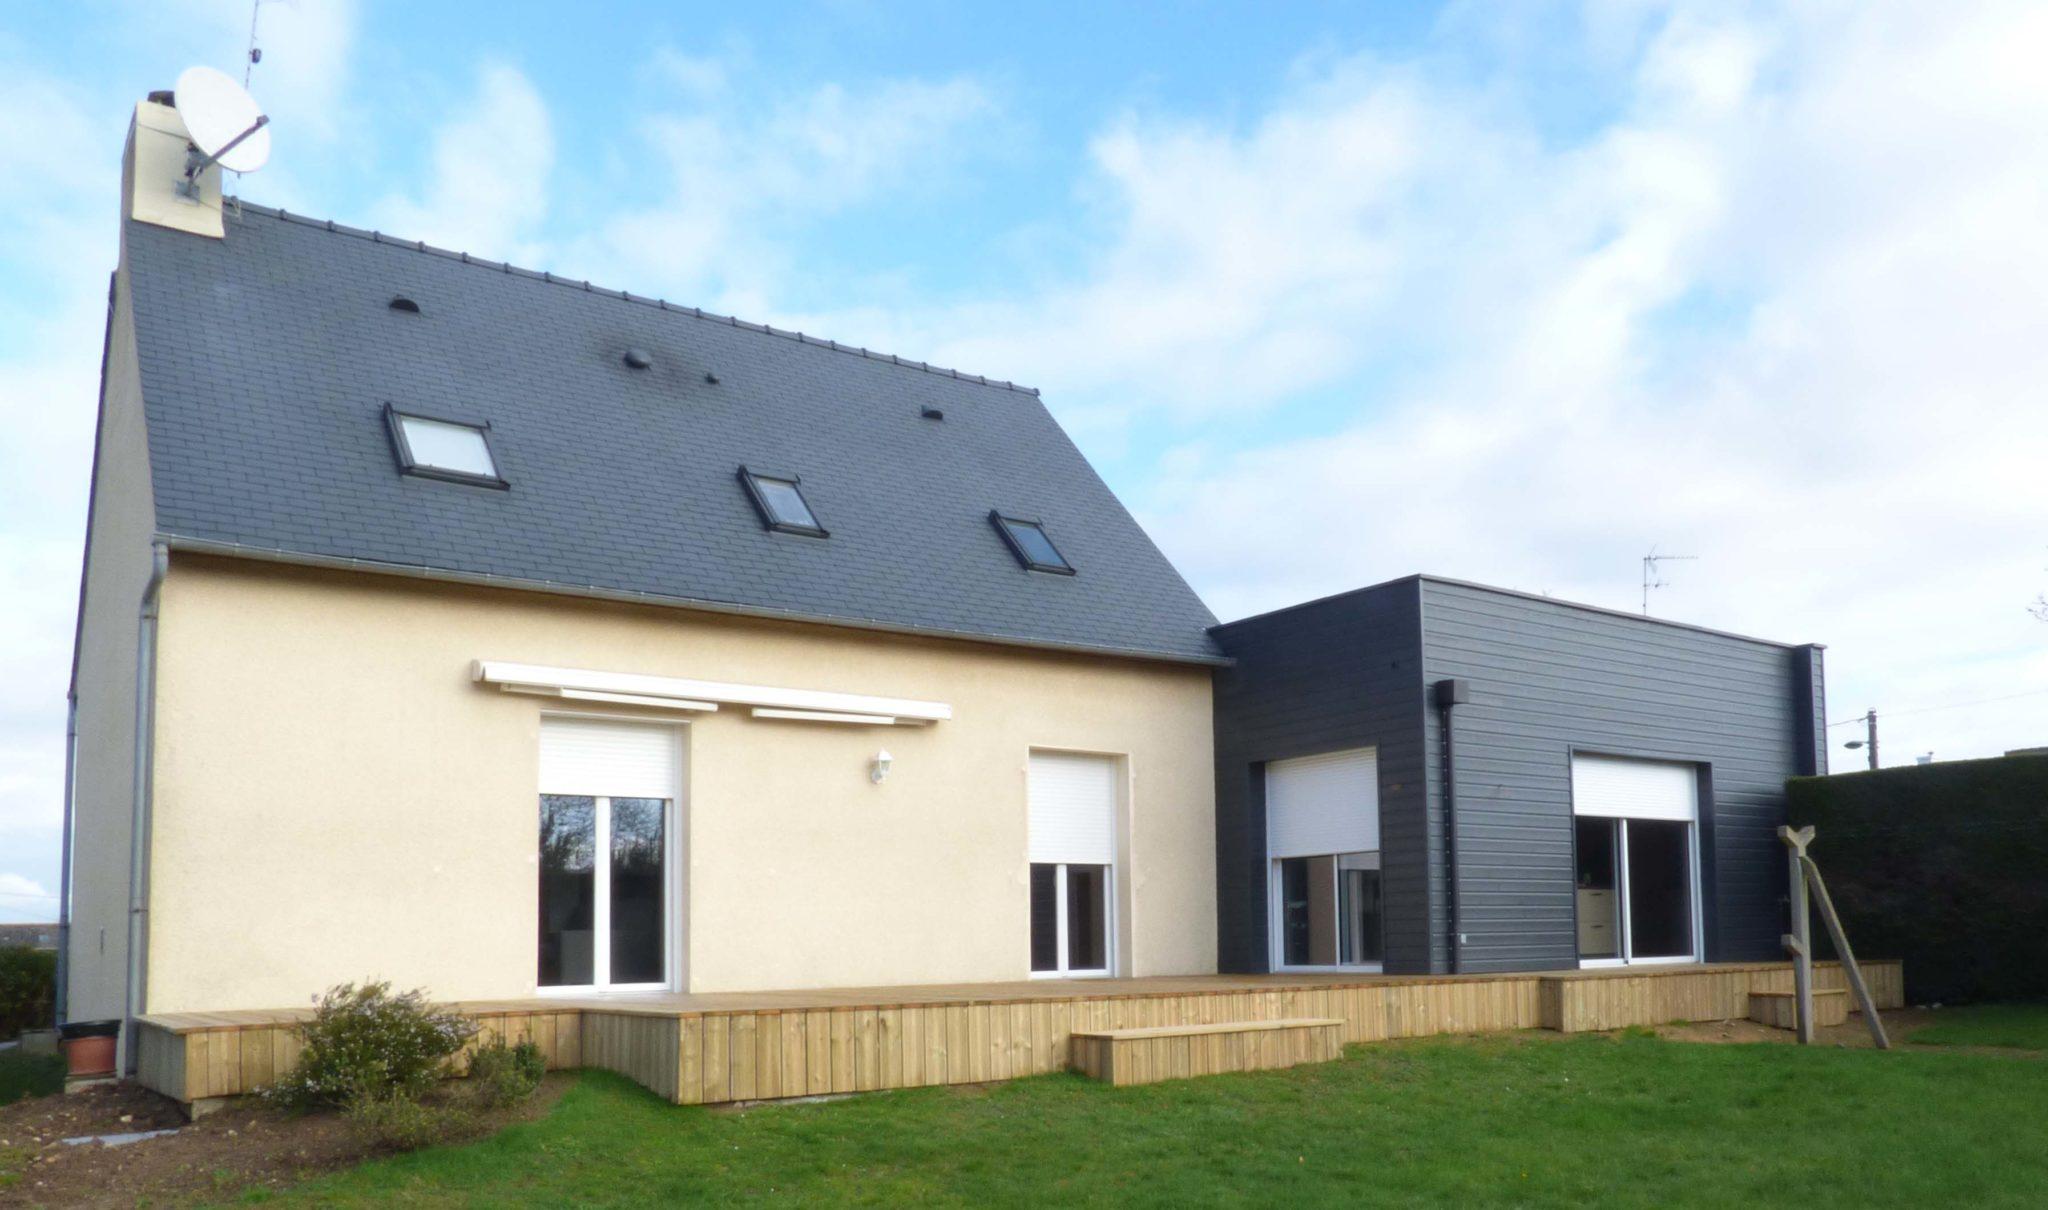 Agrandissement Maison Néo Bretonne extension ossature bois à quévert - arguenon construction